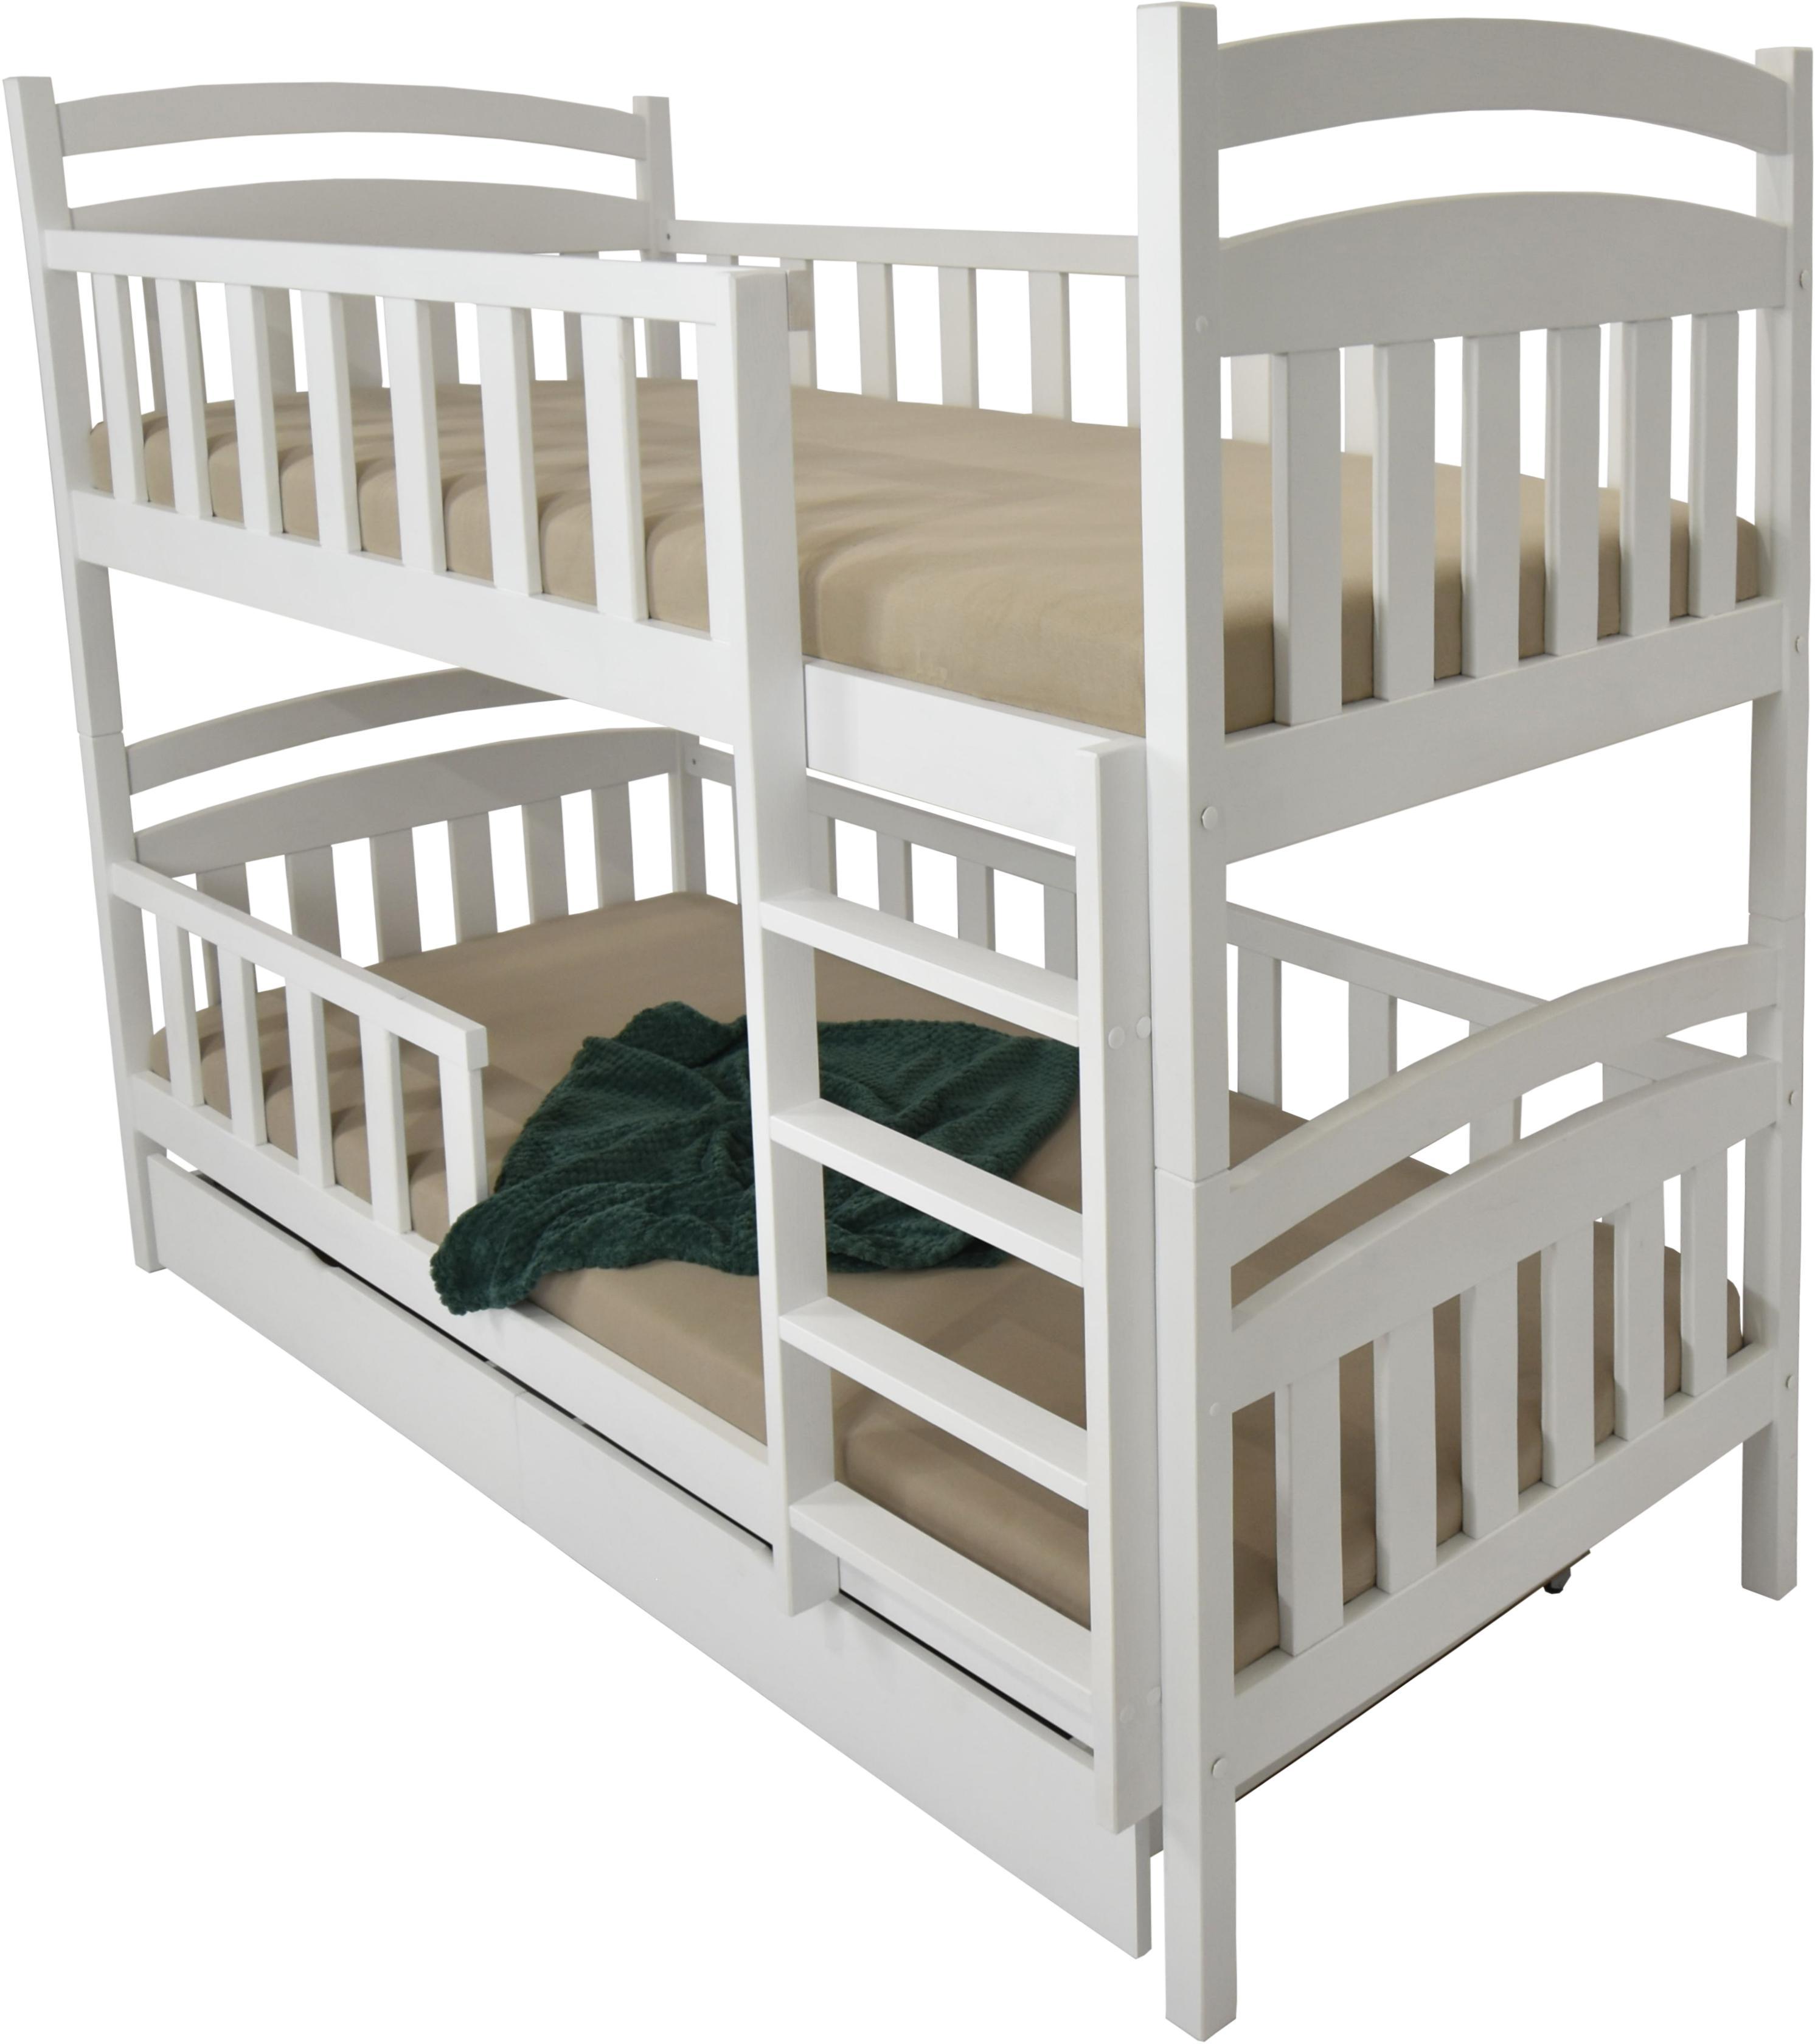 FA Detská poschodová posteľ Paula 7 180x80 Farba: Biela